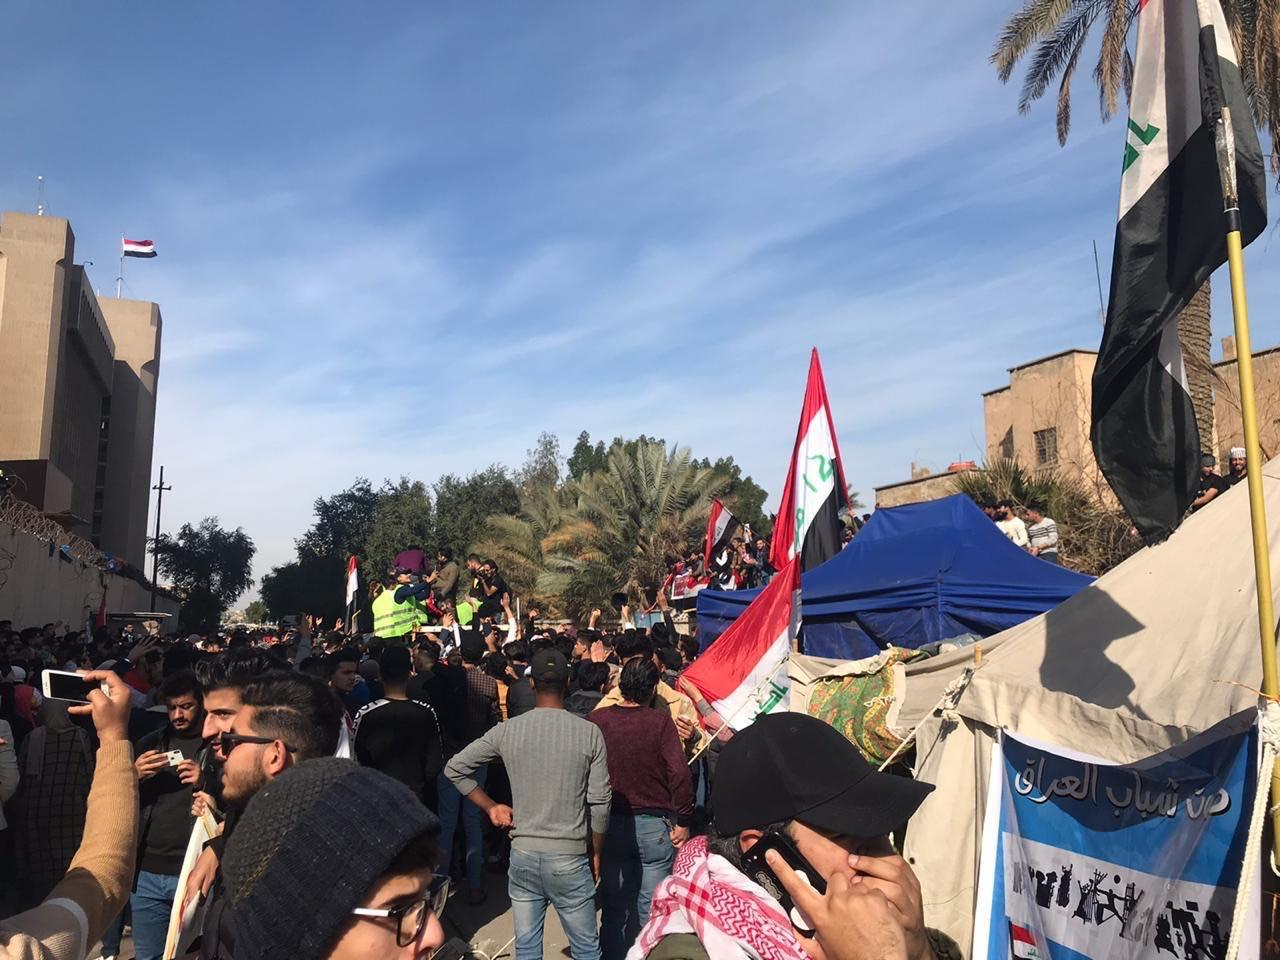 تصعيد احتجاجي في بغداد.. نعوش تغطيها الأعلام واعتصام للطلبة وسط العاصمة (صور)